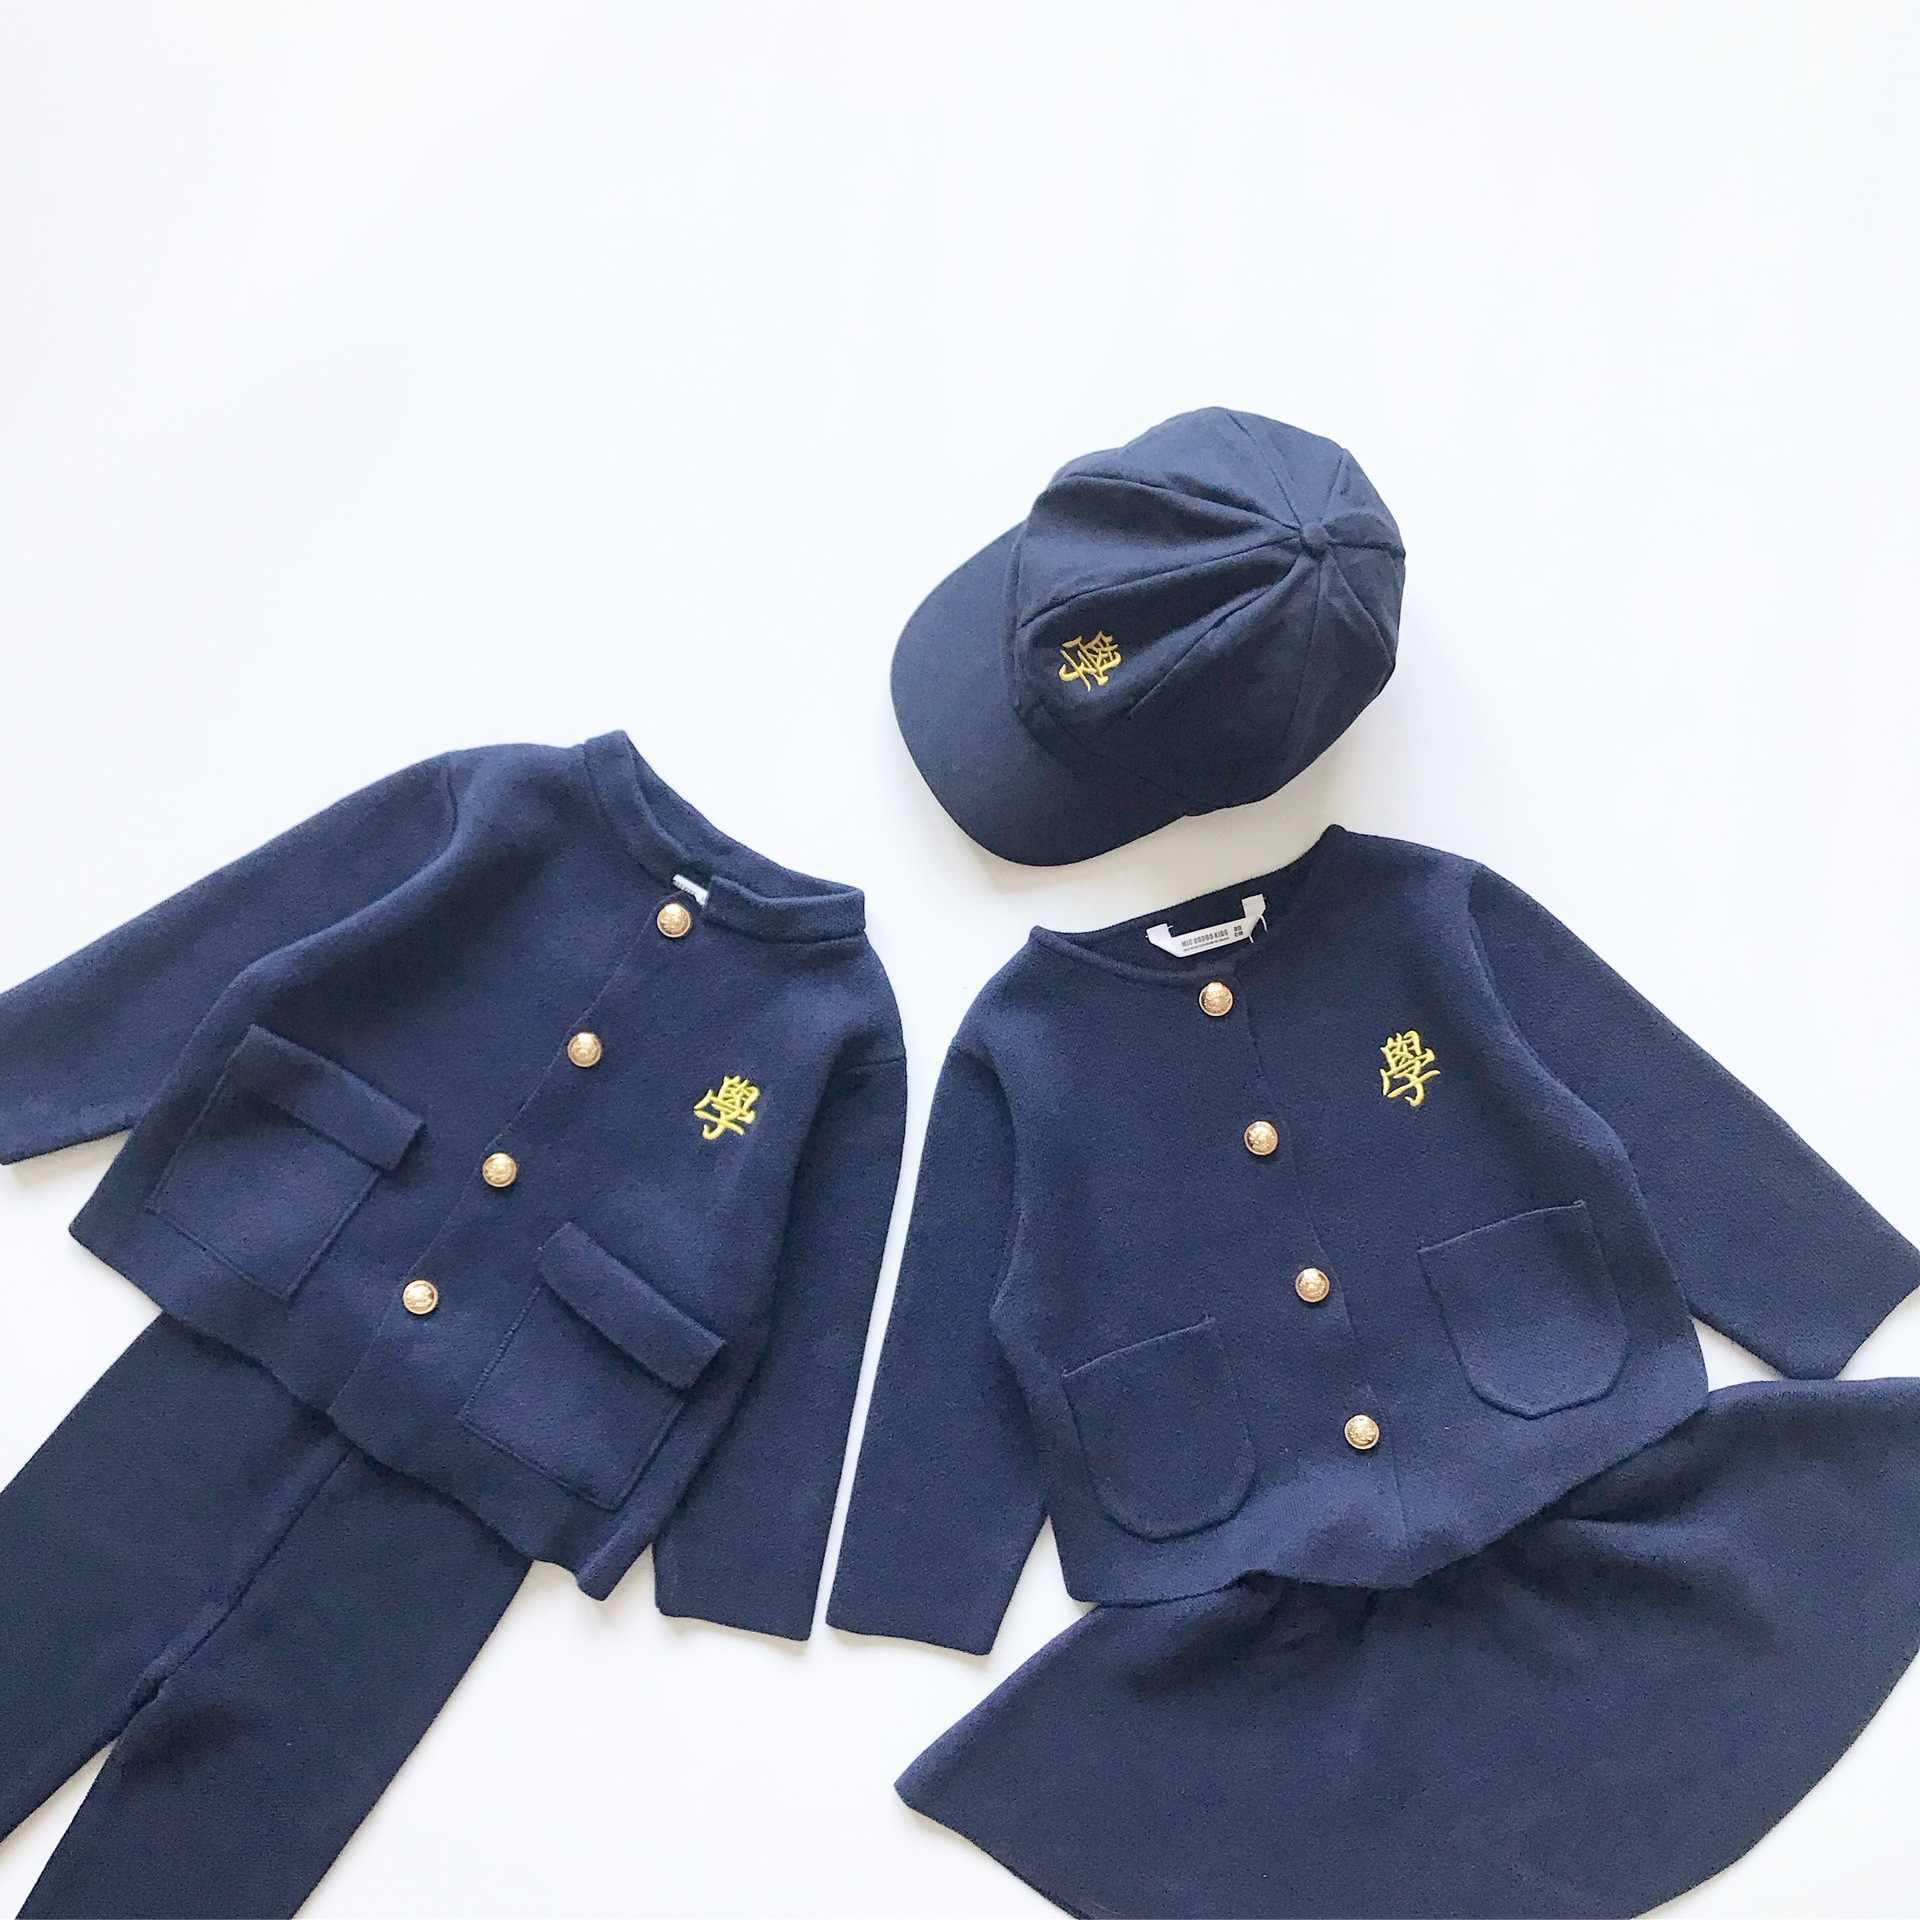 Tonytaobaby automne hiver vêtements nouveaux vêtements pour enfants tricoté pull chemise enfants vêtements costume filles automne tenues